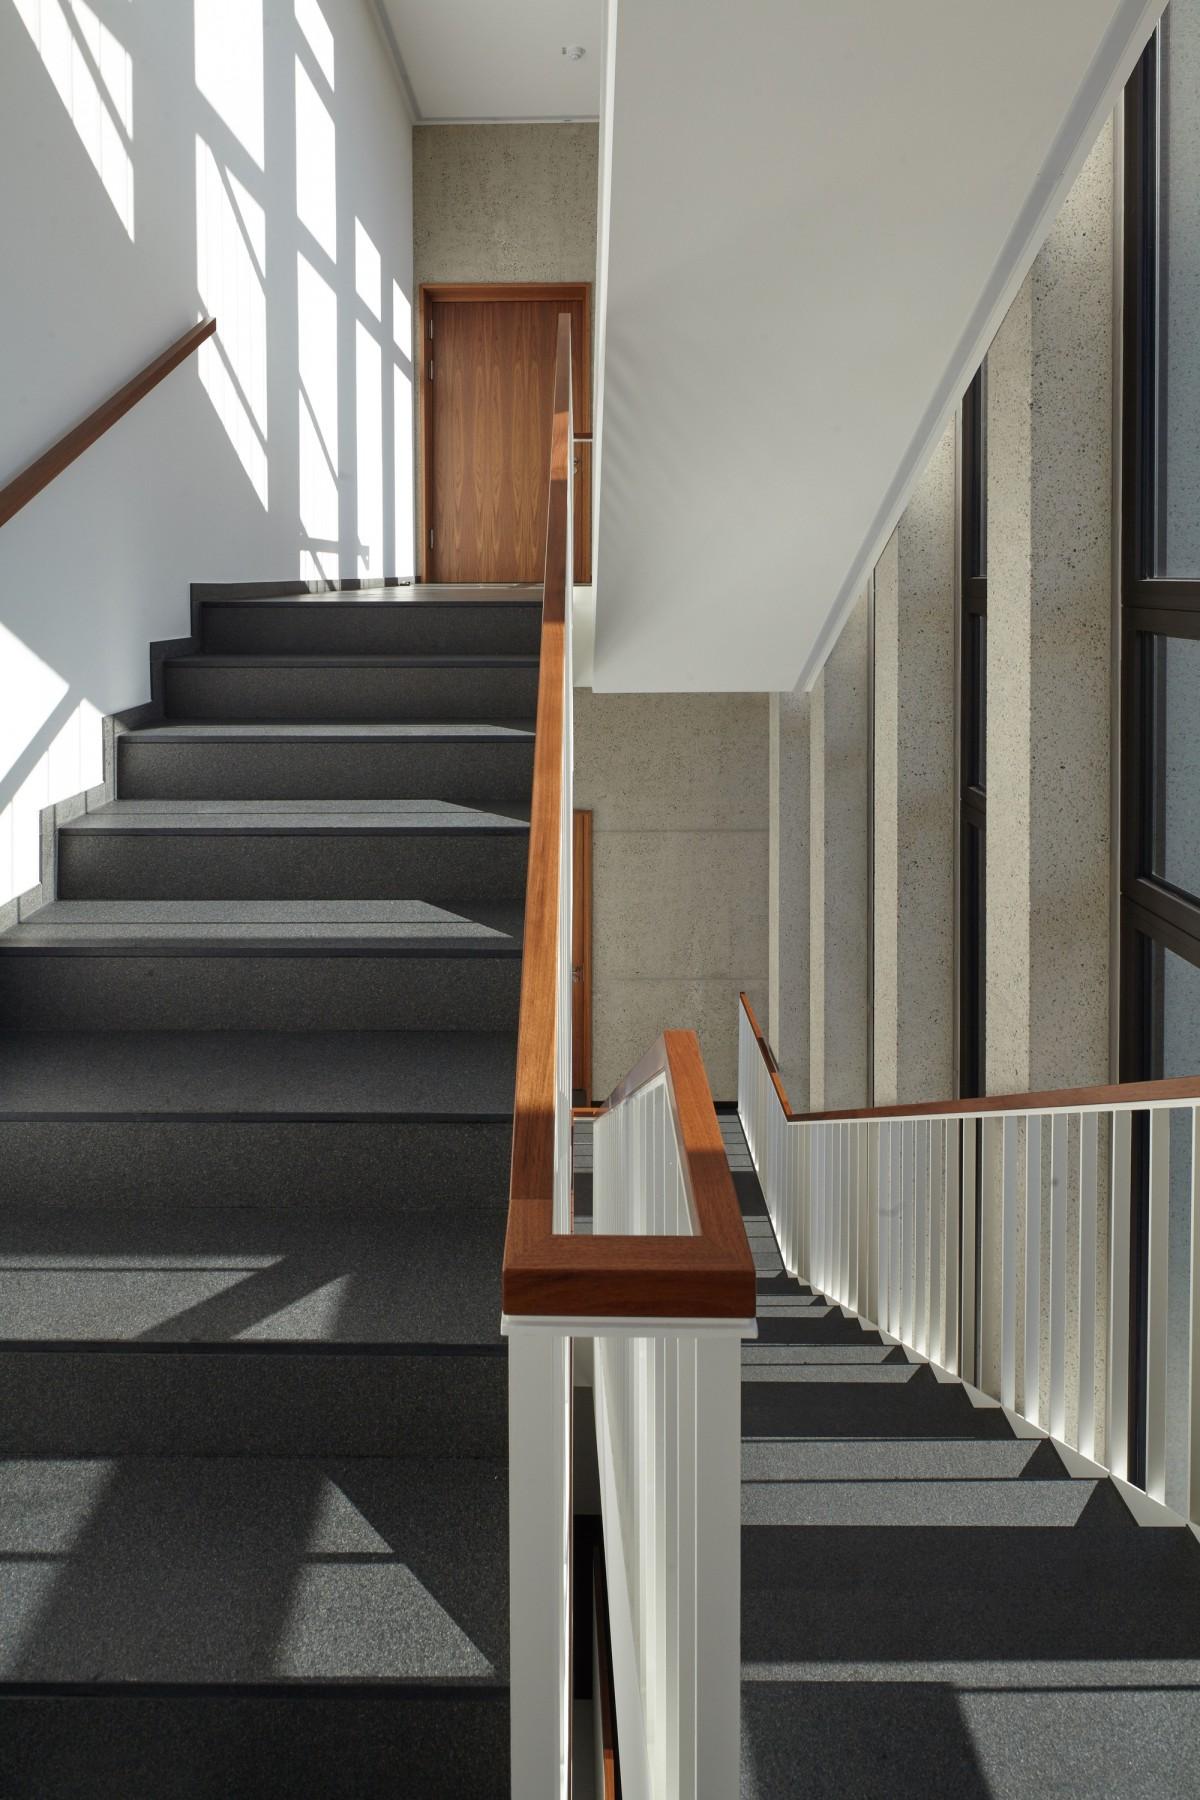 Architecture Wood Floor Office Indoor Facade